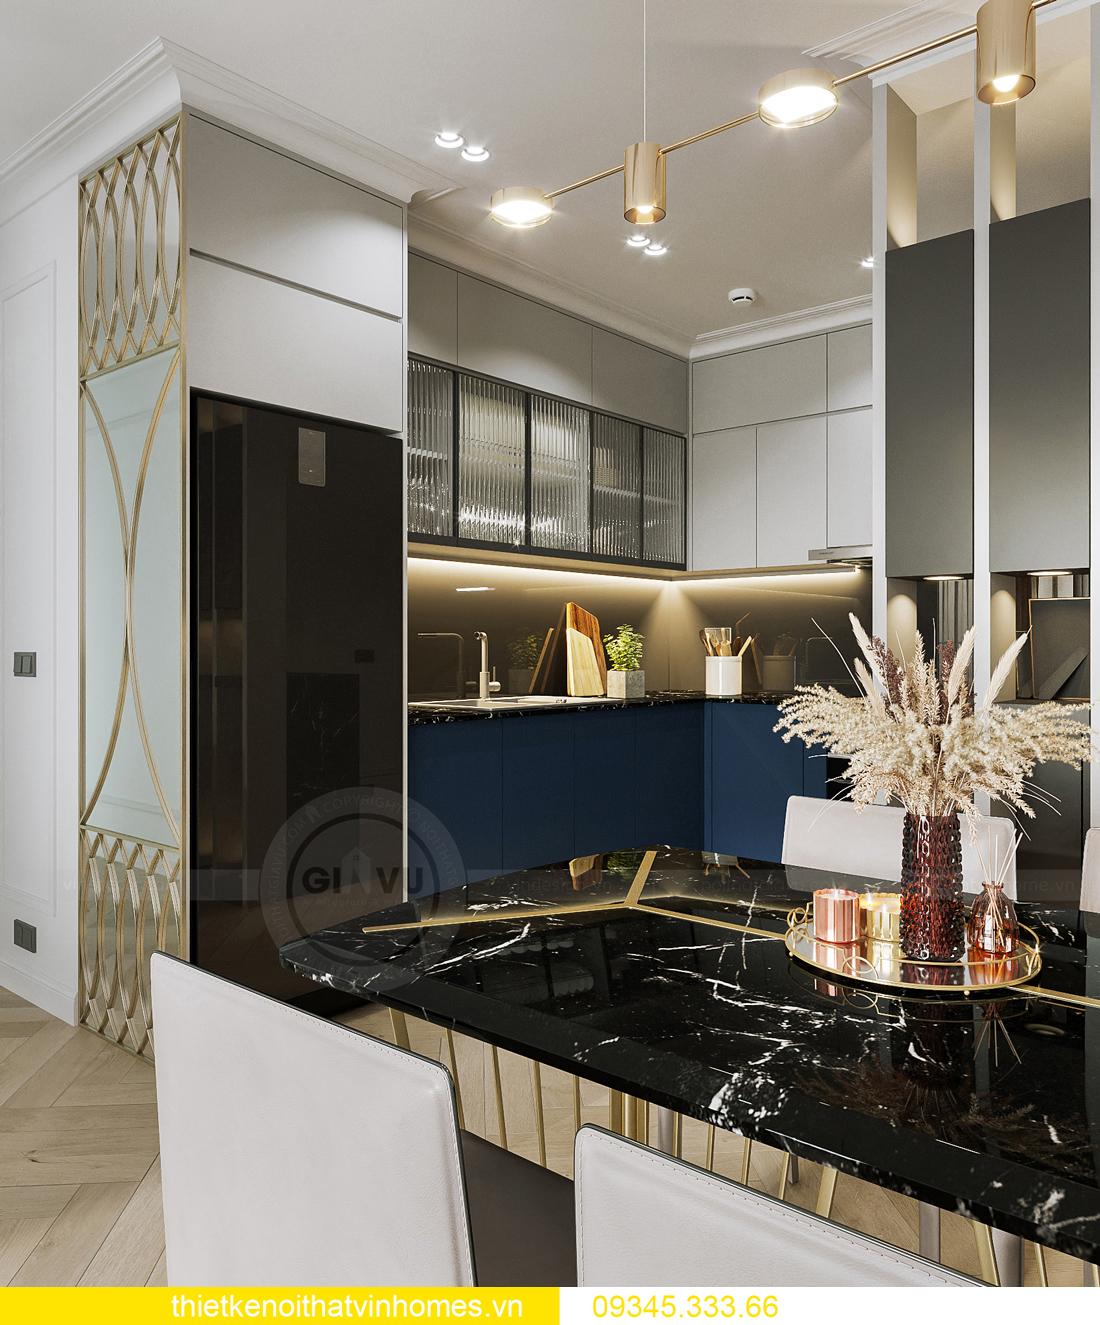 mẫu thiết kế nội thất chung cư Smart City tòa S201 căn 17 3